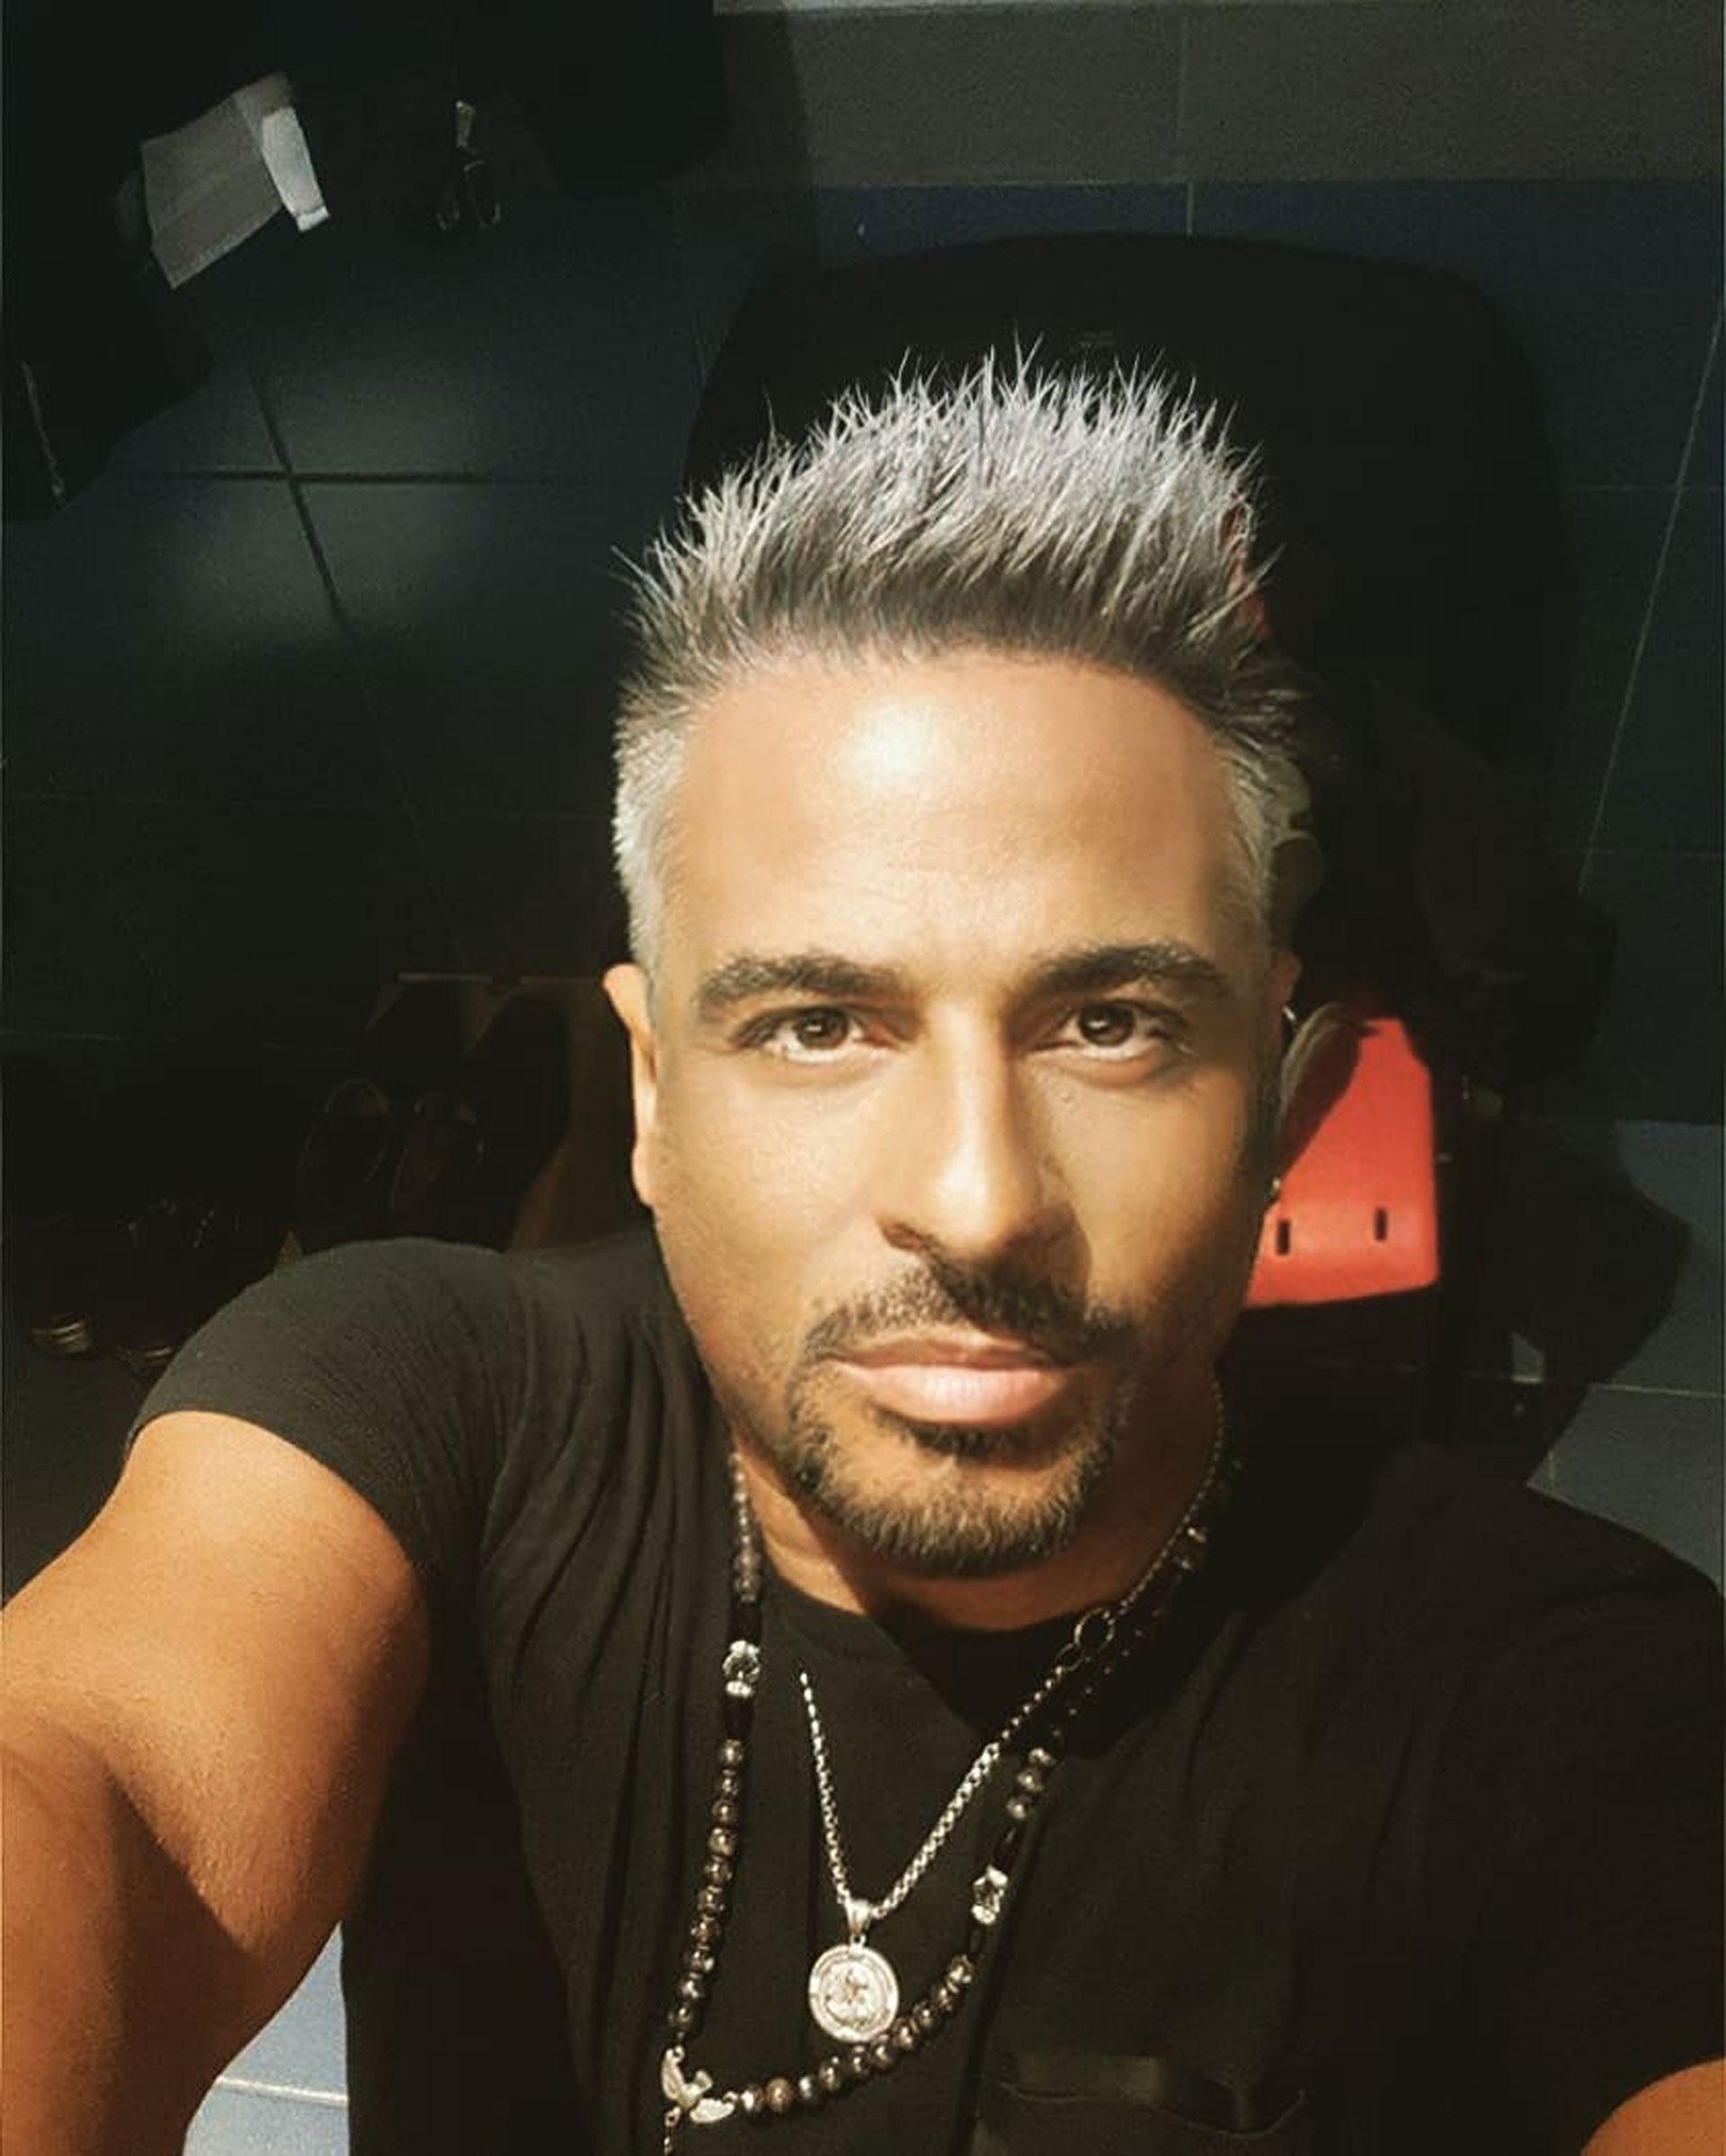 Marcelo Iripino renovó su look y mostró su nueva apariencia en Instagram. Al verlo su rostro tan cambiado generó dudas si se hizo un retoque estético o simplemente utilizó Photoshop